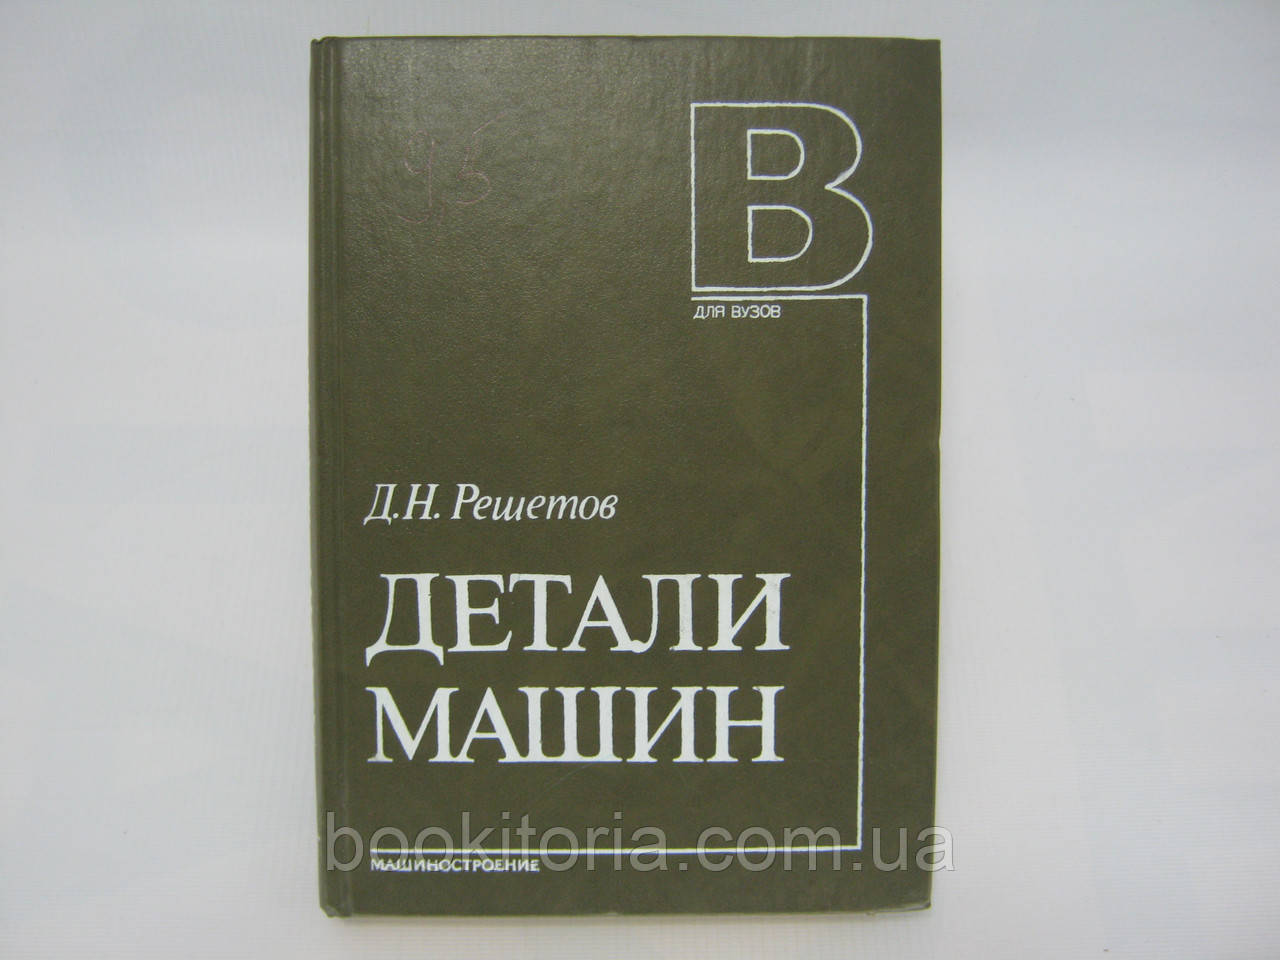 Решетов Д.Н. Детали машин (б/у).